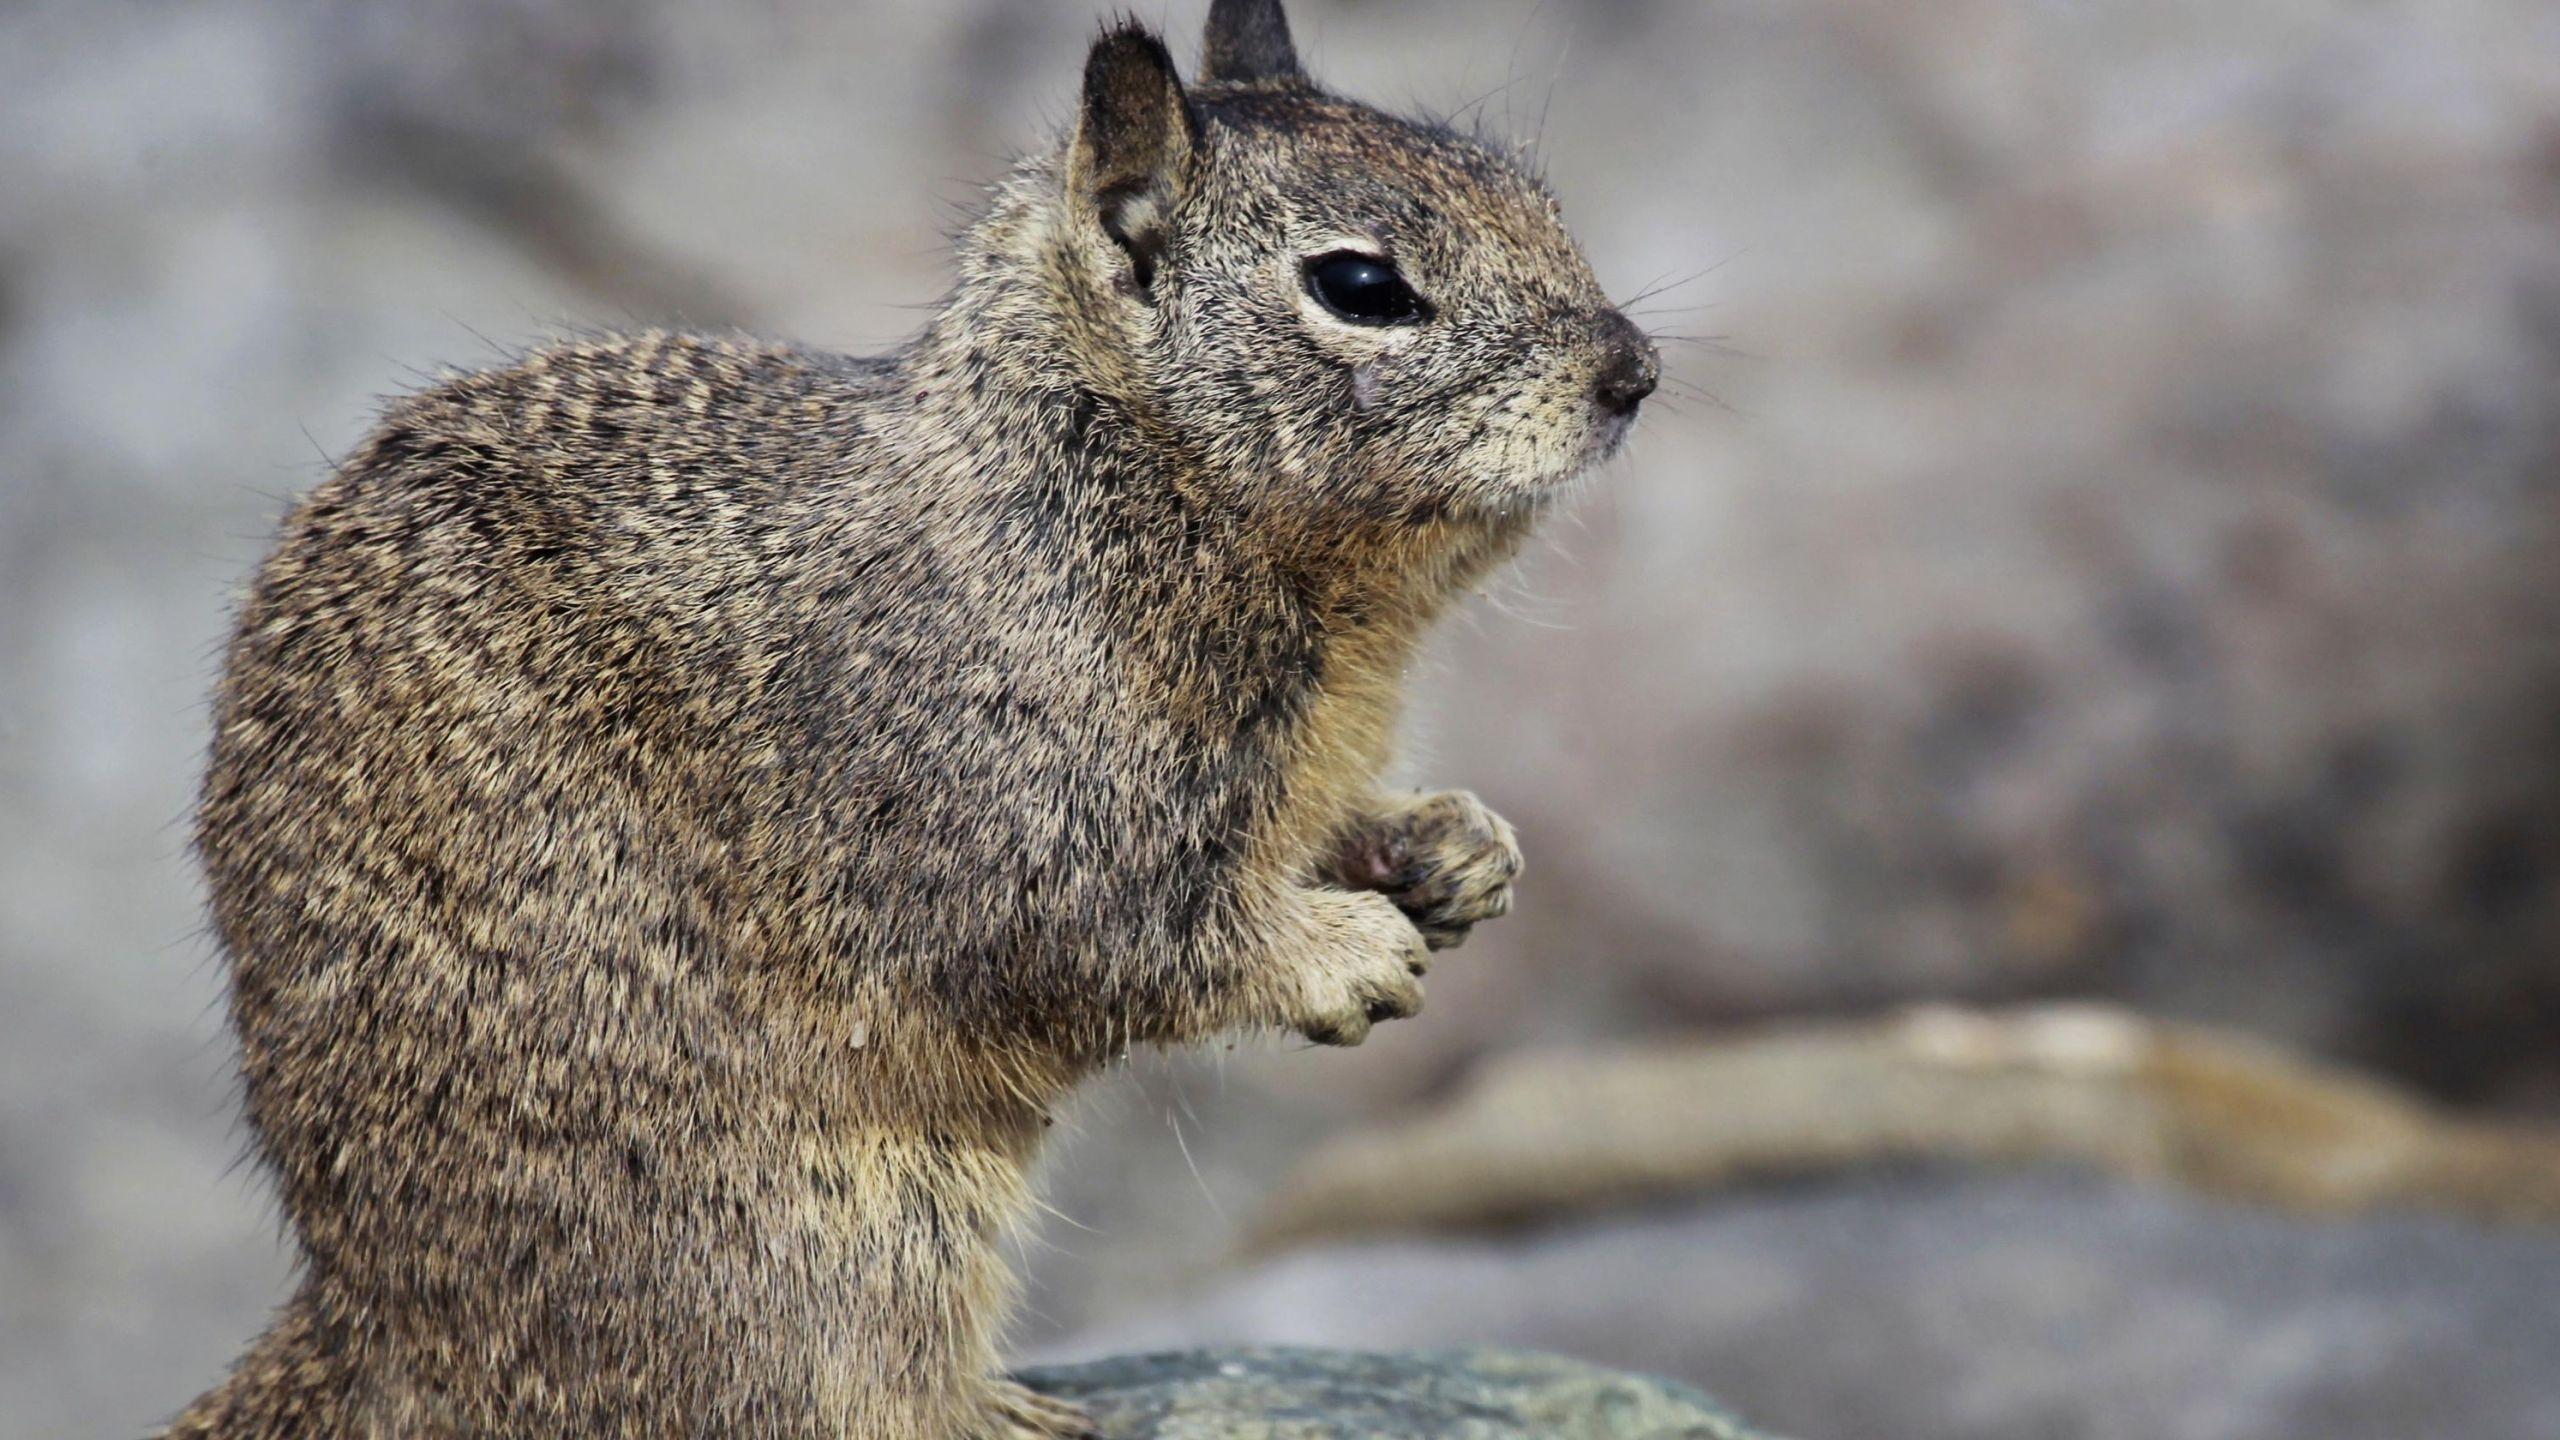 squirrel_494433